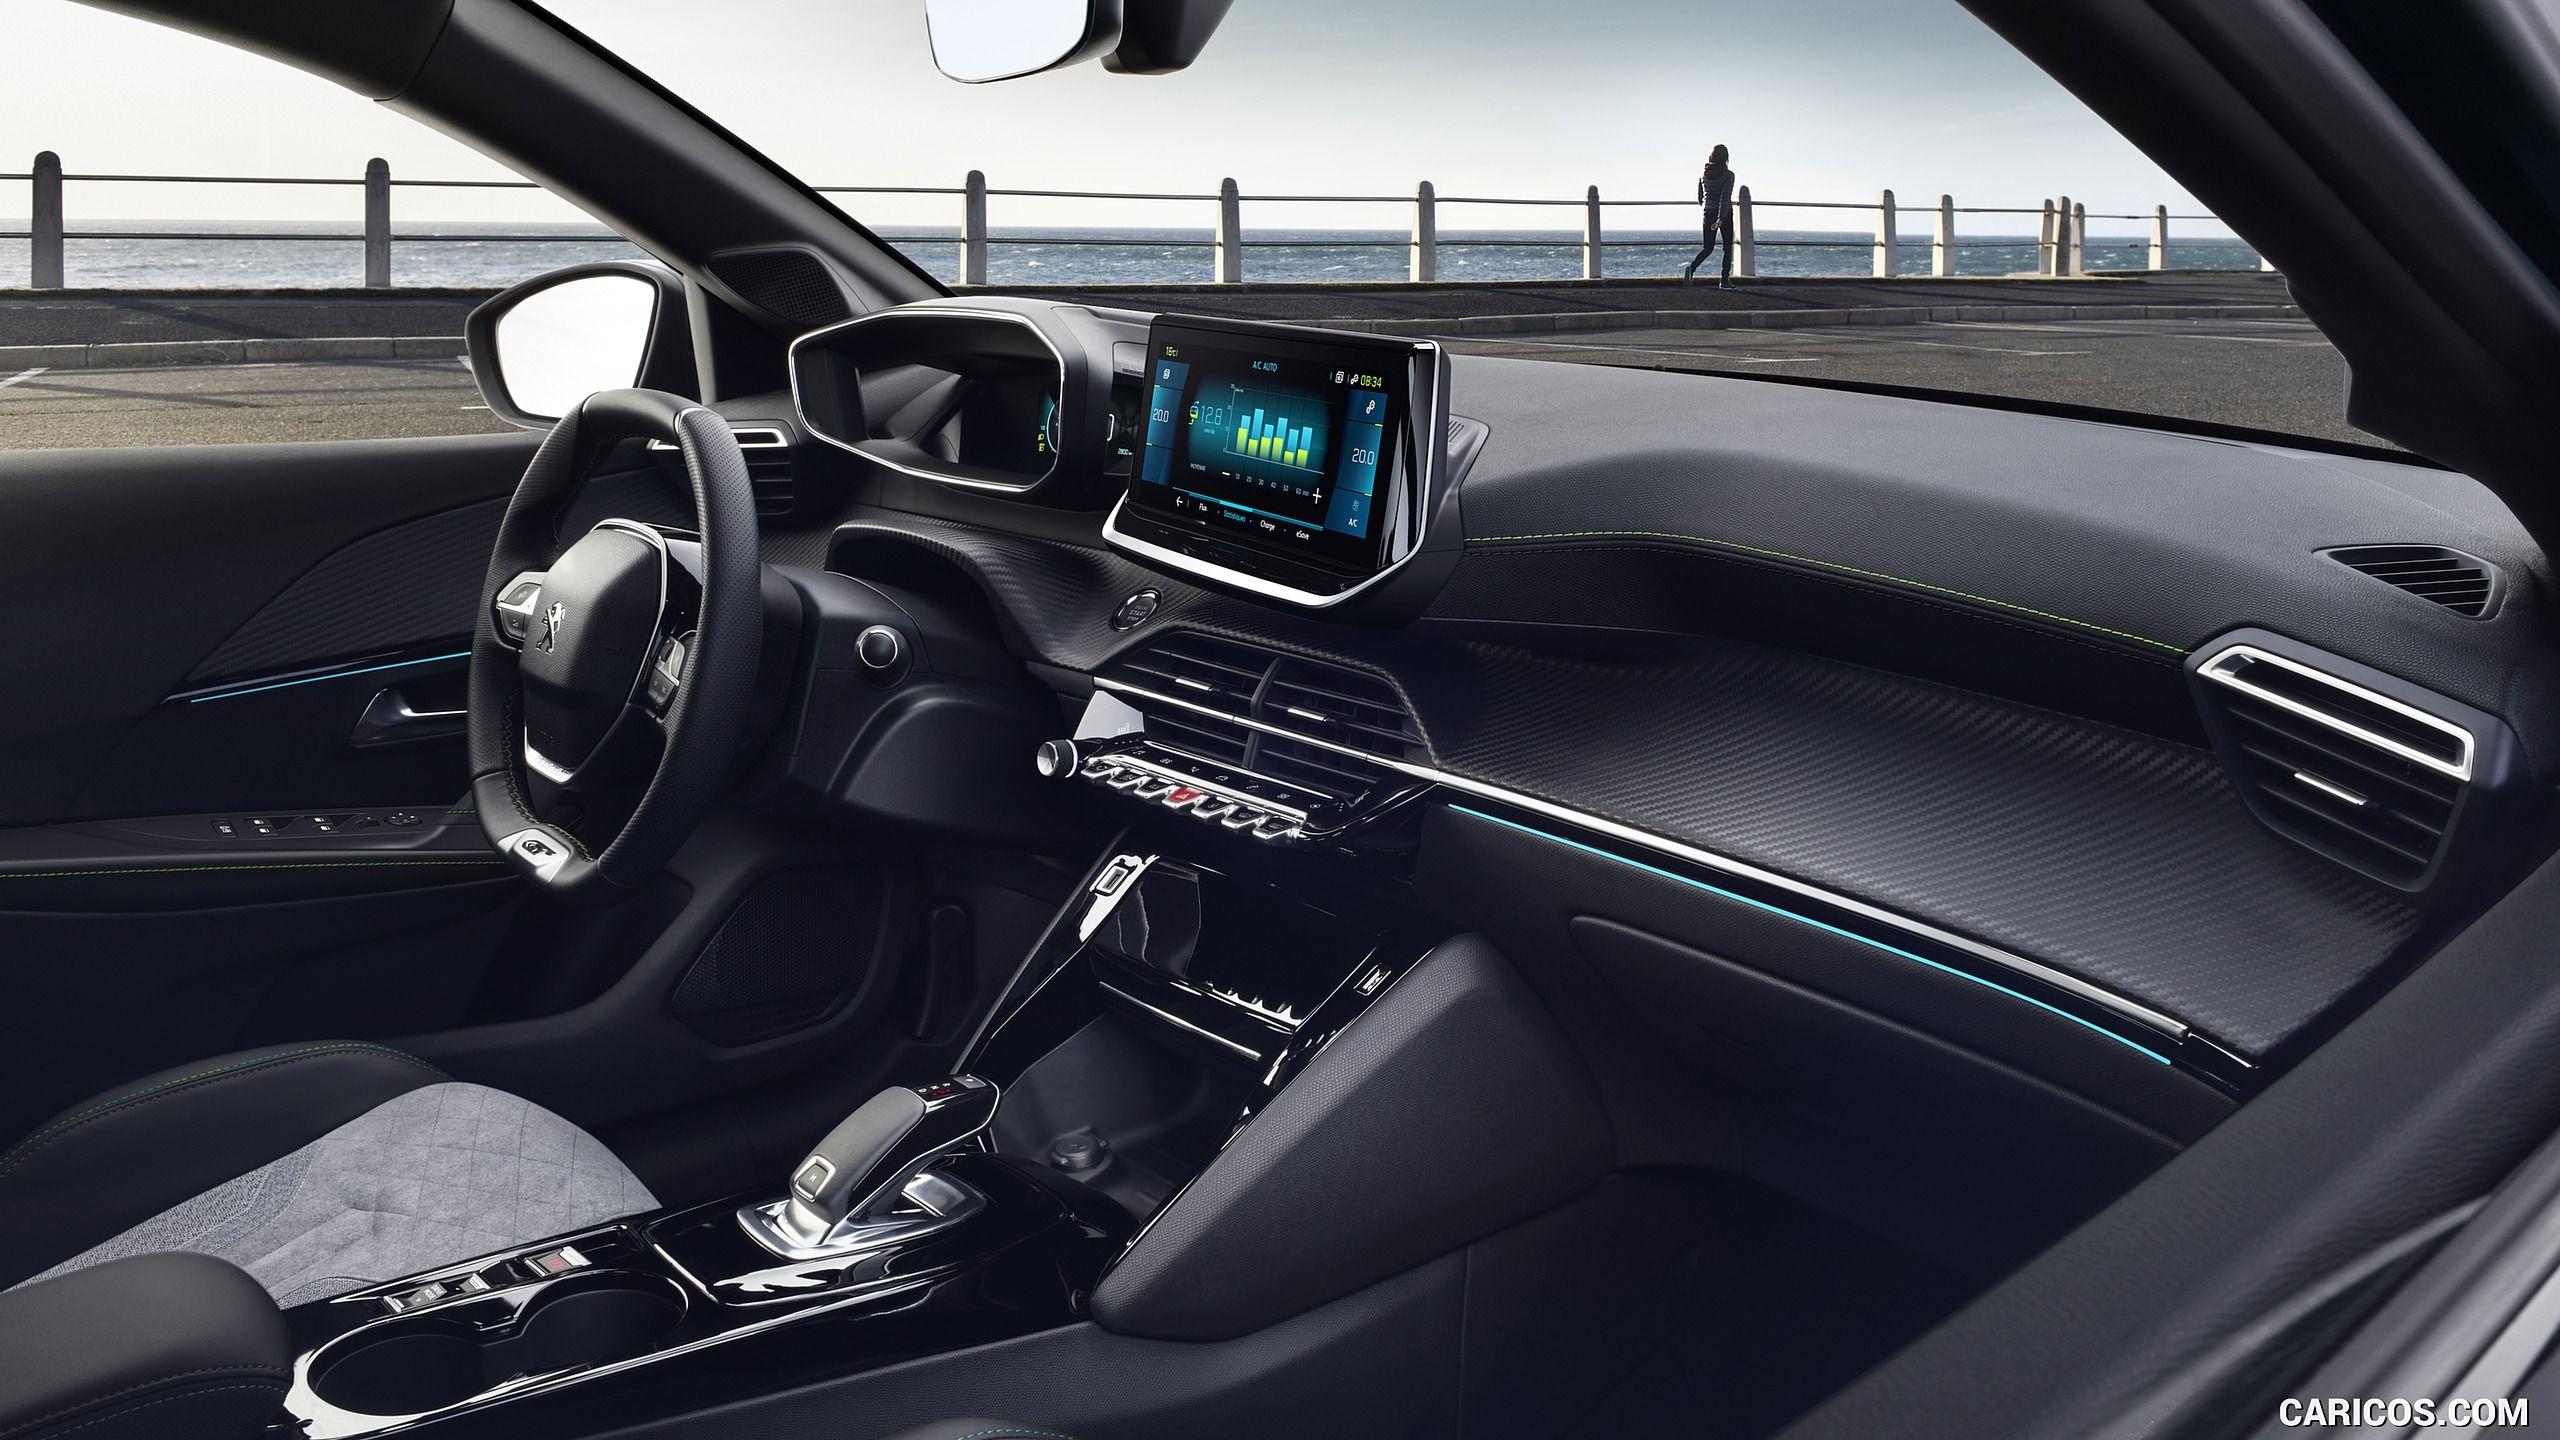 2020 Peugeot E 208 Ev Interior Hd Peugeot Peugeot 2008 Car Interior